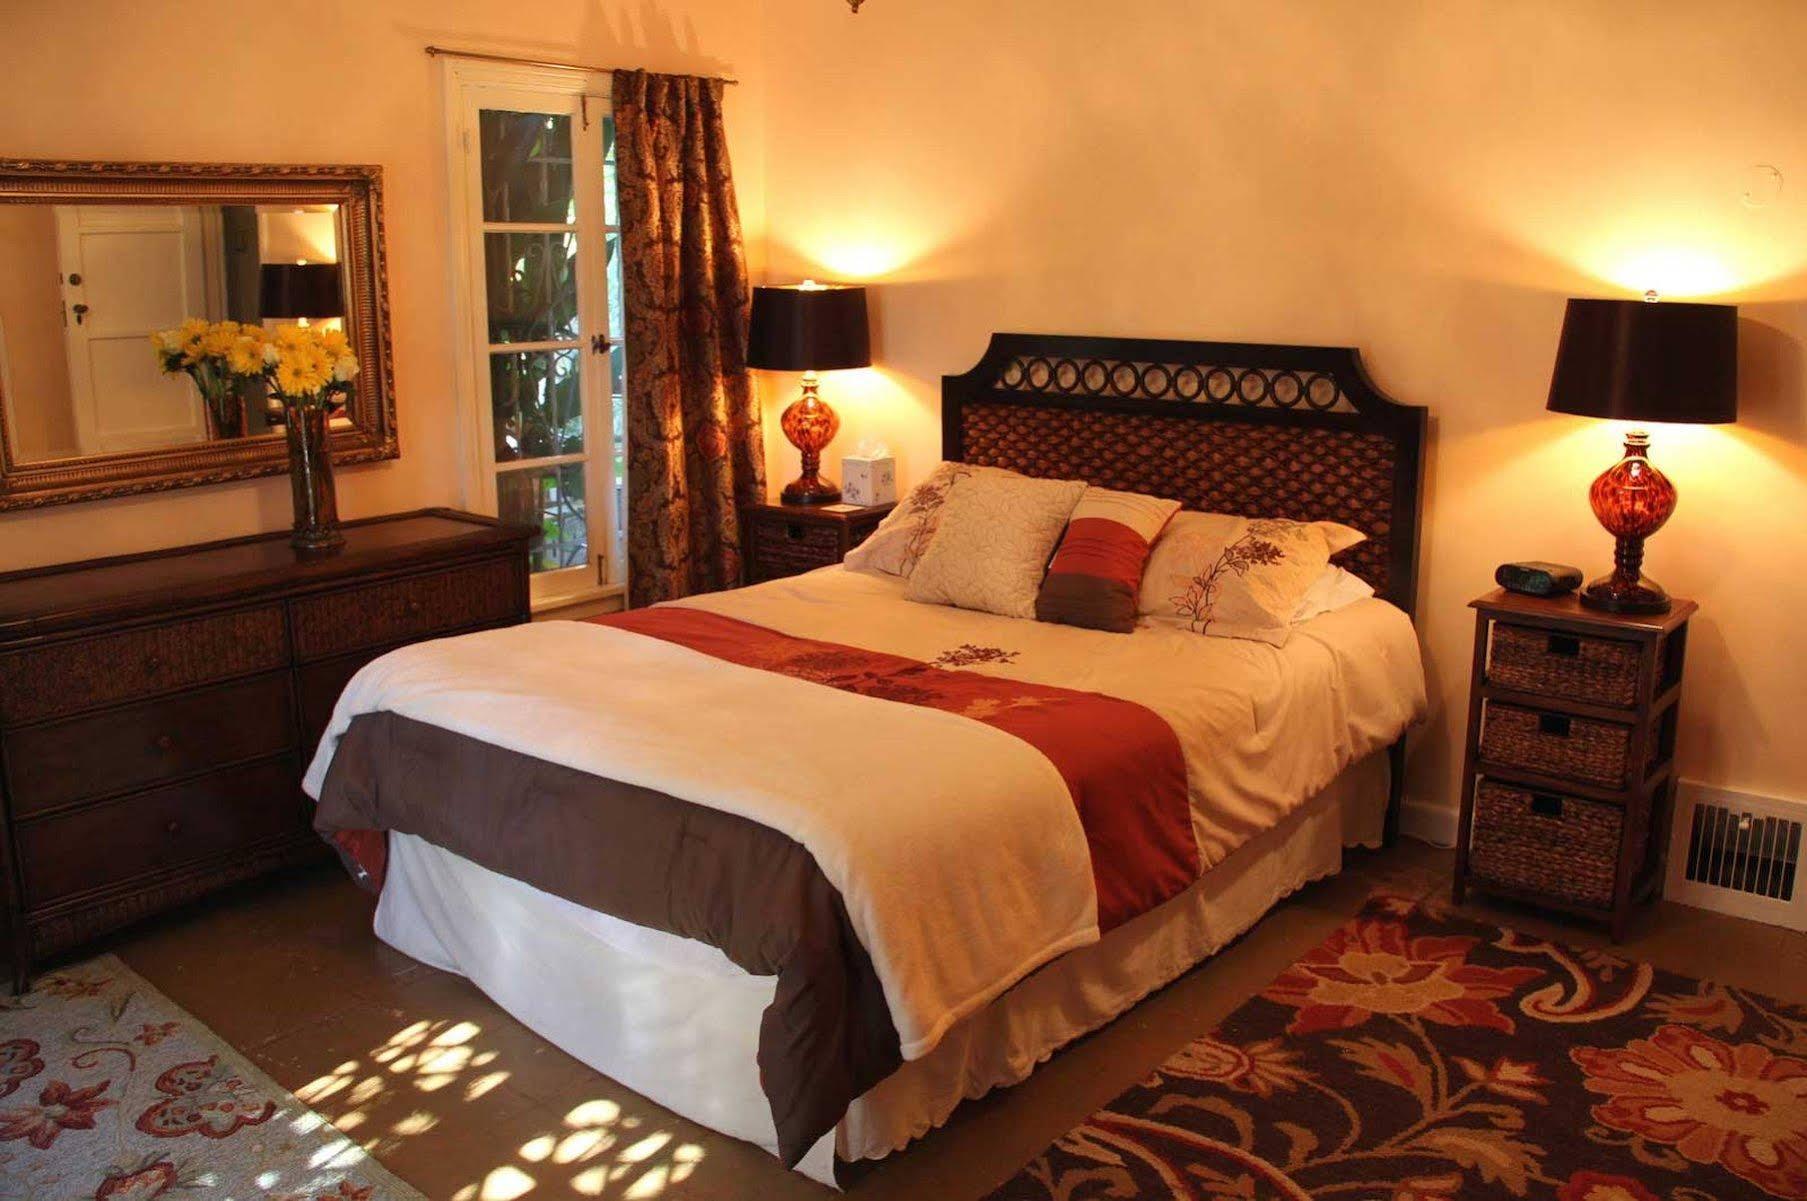 Cinema Suites Bed & Breakfast